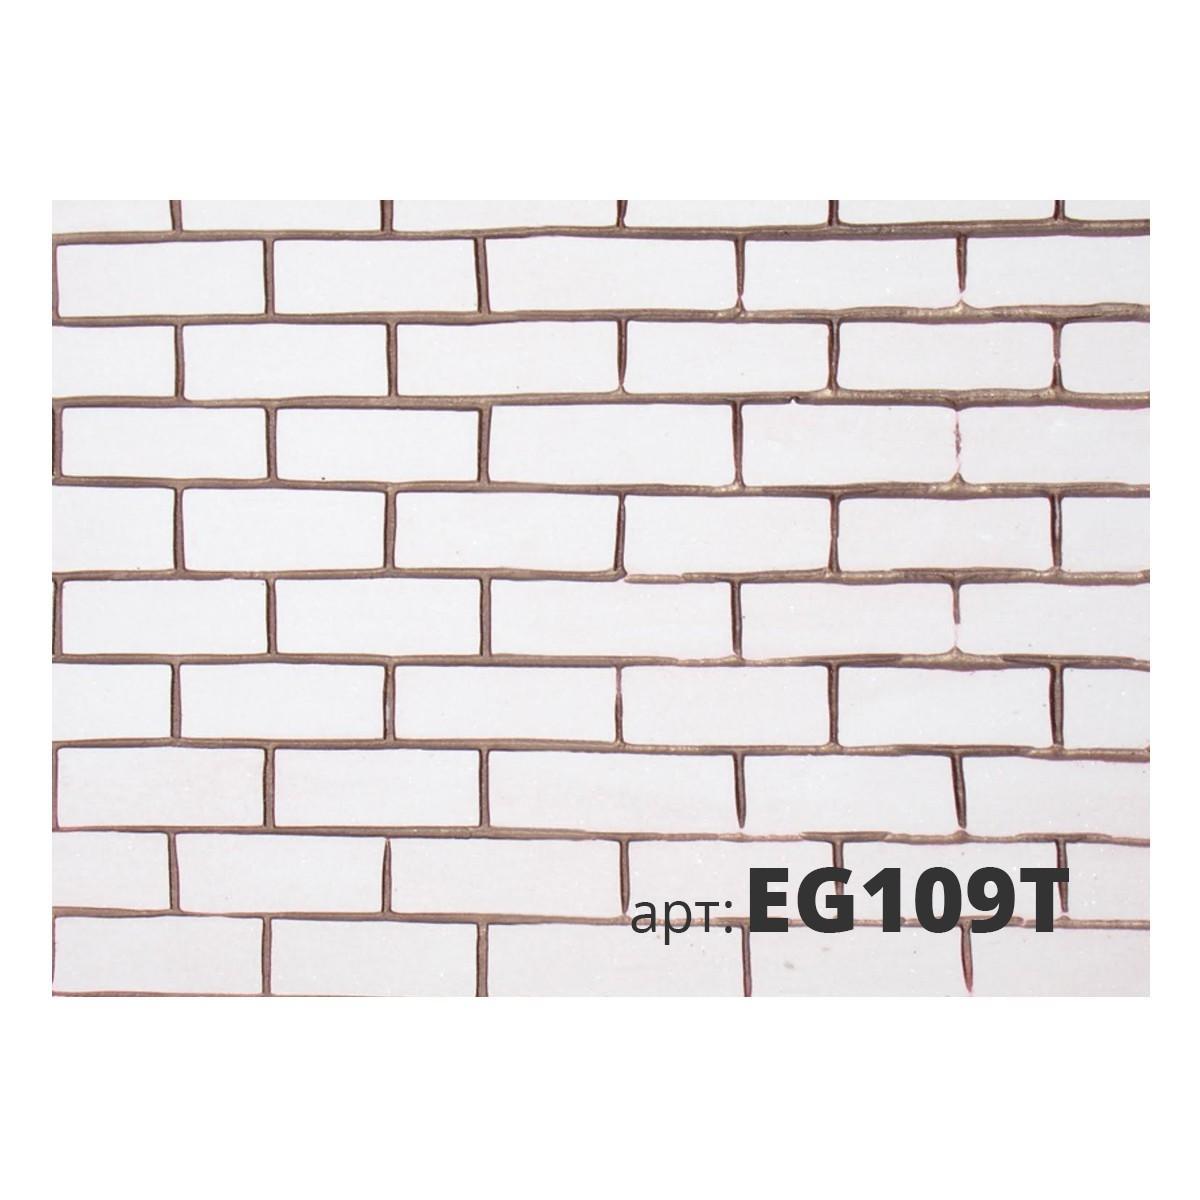 Декоративный жесткий резиновый валик КИРПИЧИ EG109T